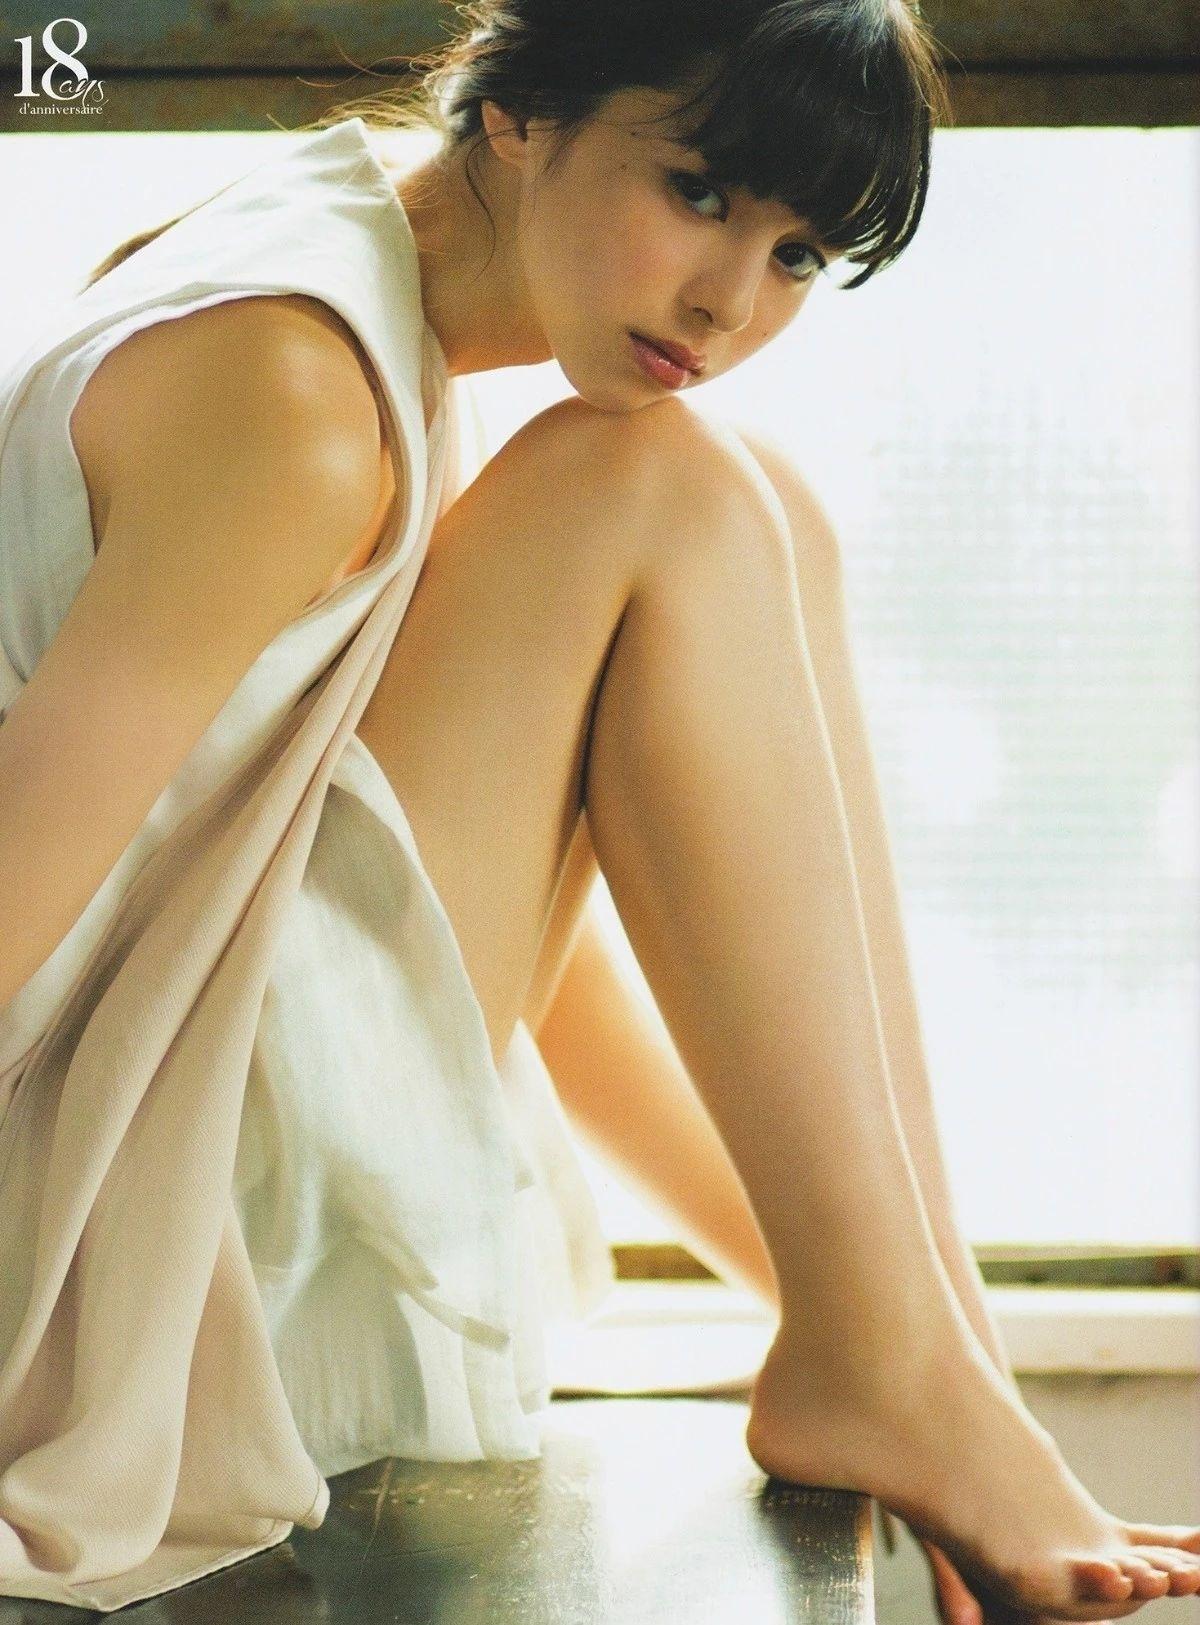 女性最想要的混血颜并且有彩妆种草机之称的中条彩未写真作品 (56)